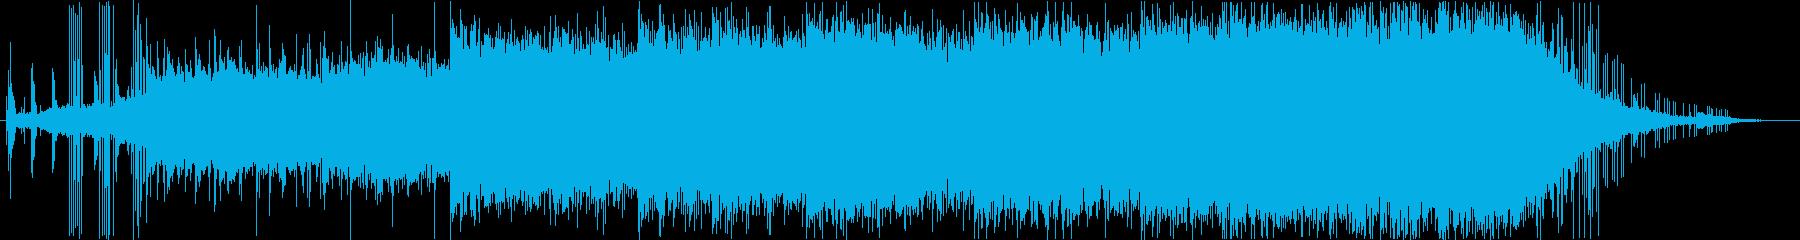 ミステリアスなアンビエント系BGMの再生済みの波形